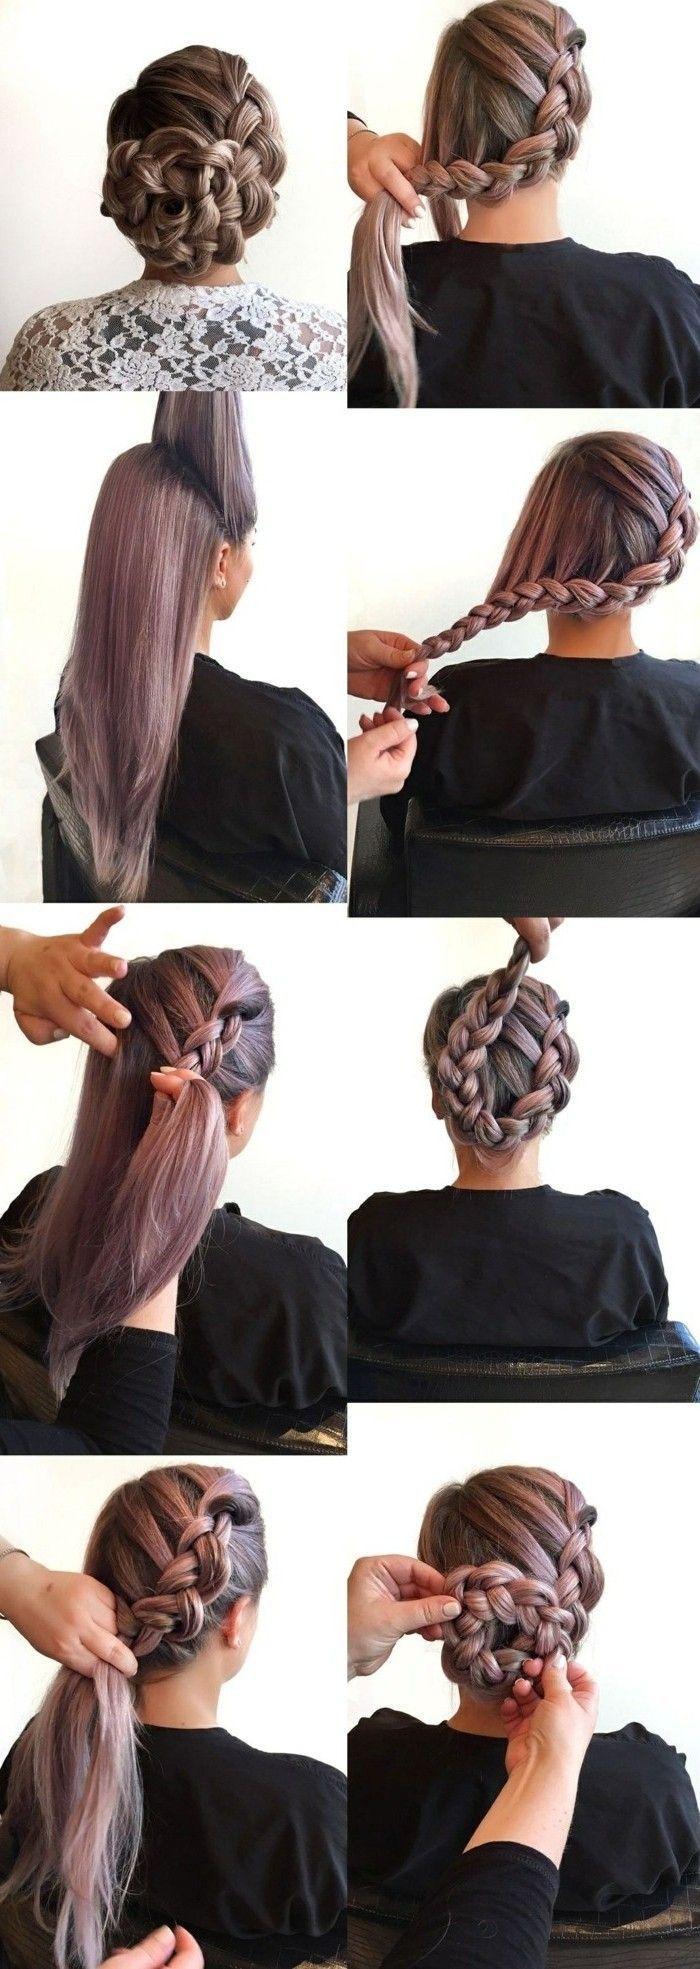 ▷ 1001 + Ideen für schöne Frisuren sowie Anleitungen zum Selbermachen – Haare + Frisuren